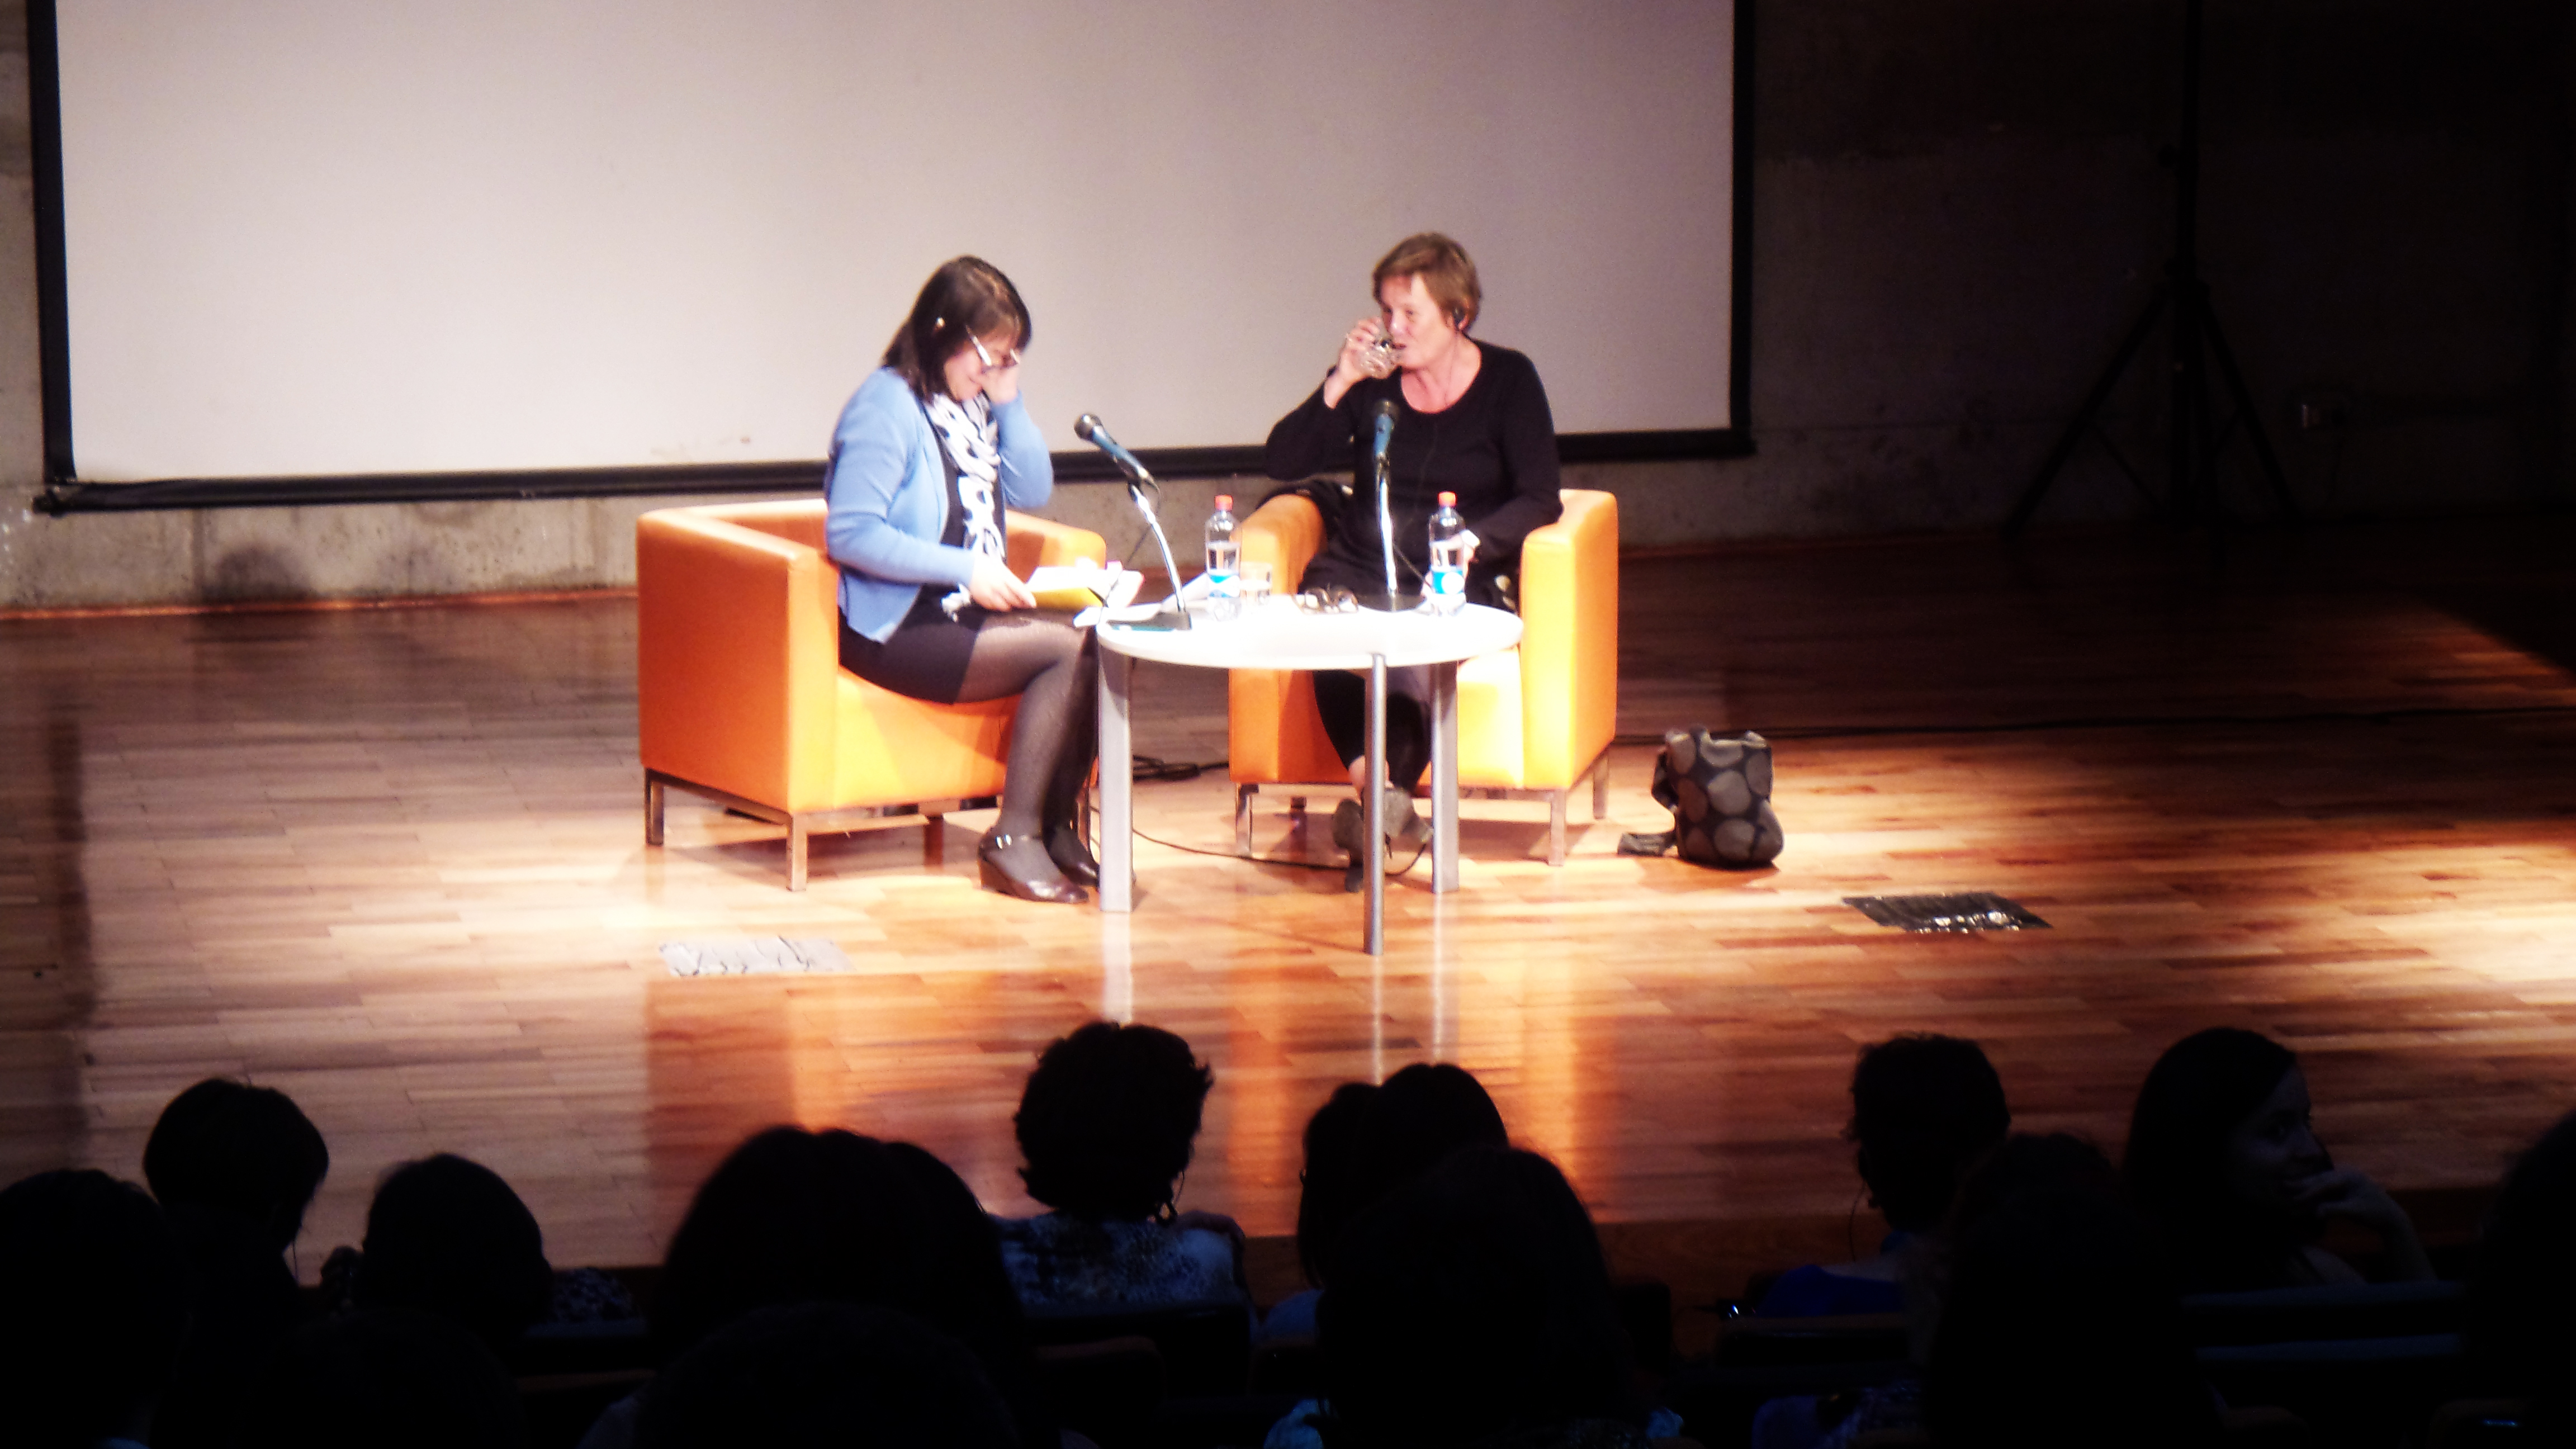 Jutta Bauer: No debemos enseñar a los niños a pensar en línea recta. Queremos creatividad